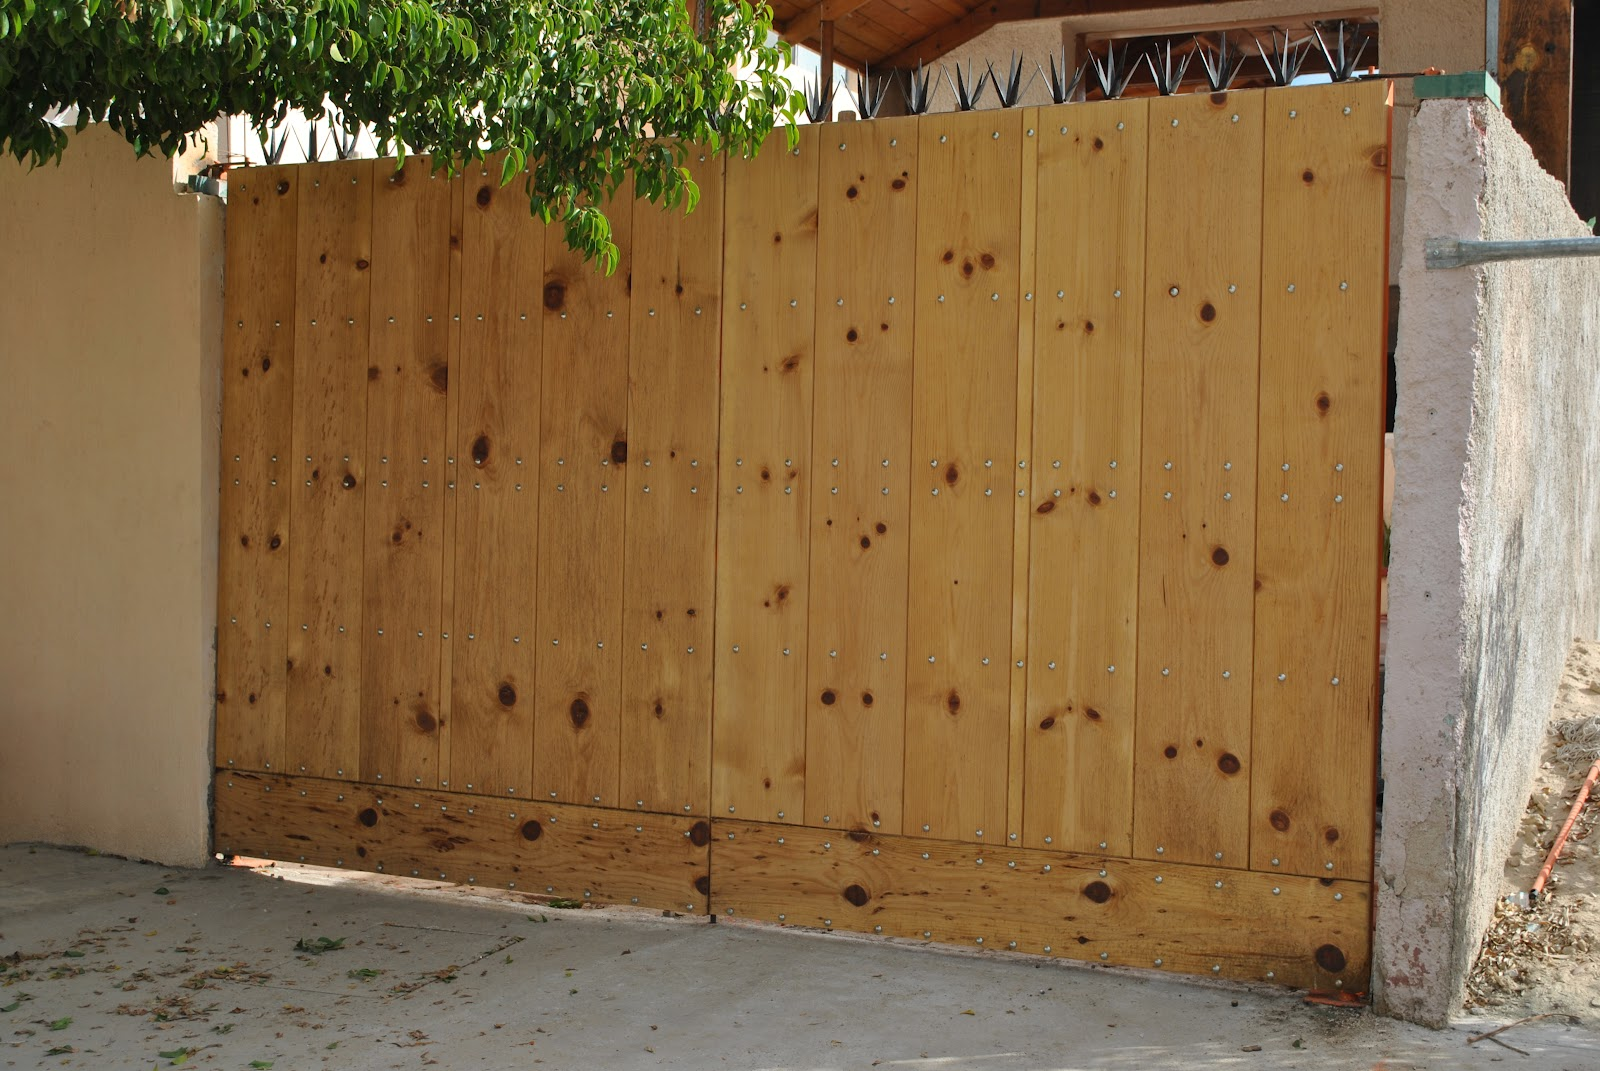 Mantenimientodomestico industrial mantenimiento domestico for Saguan de madera